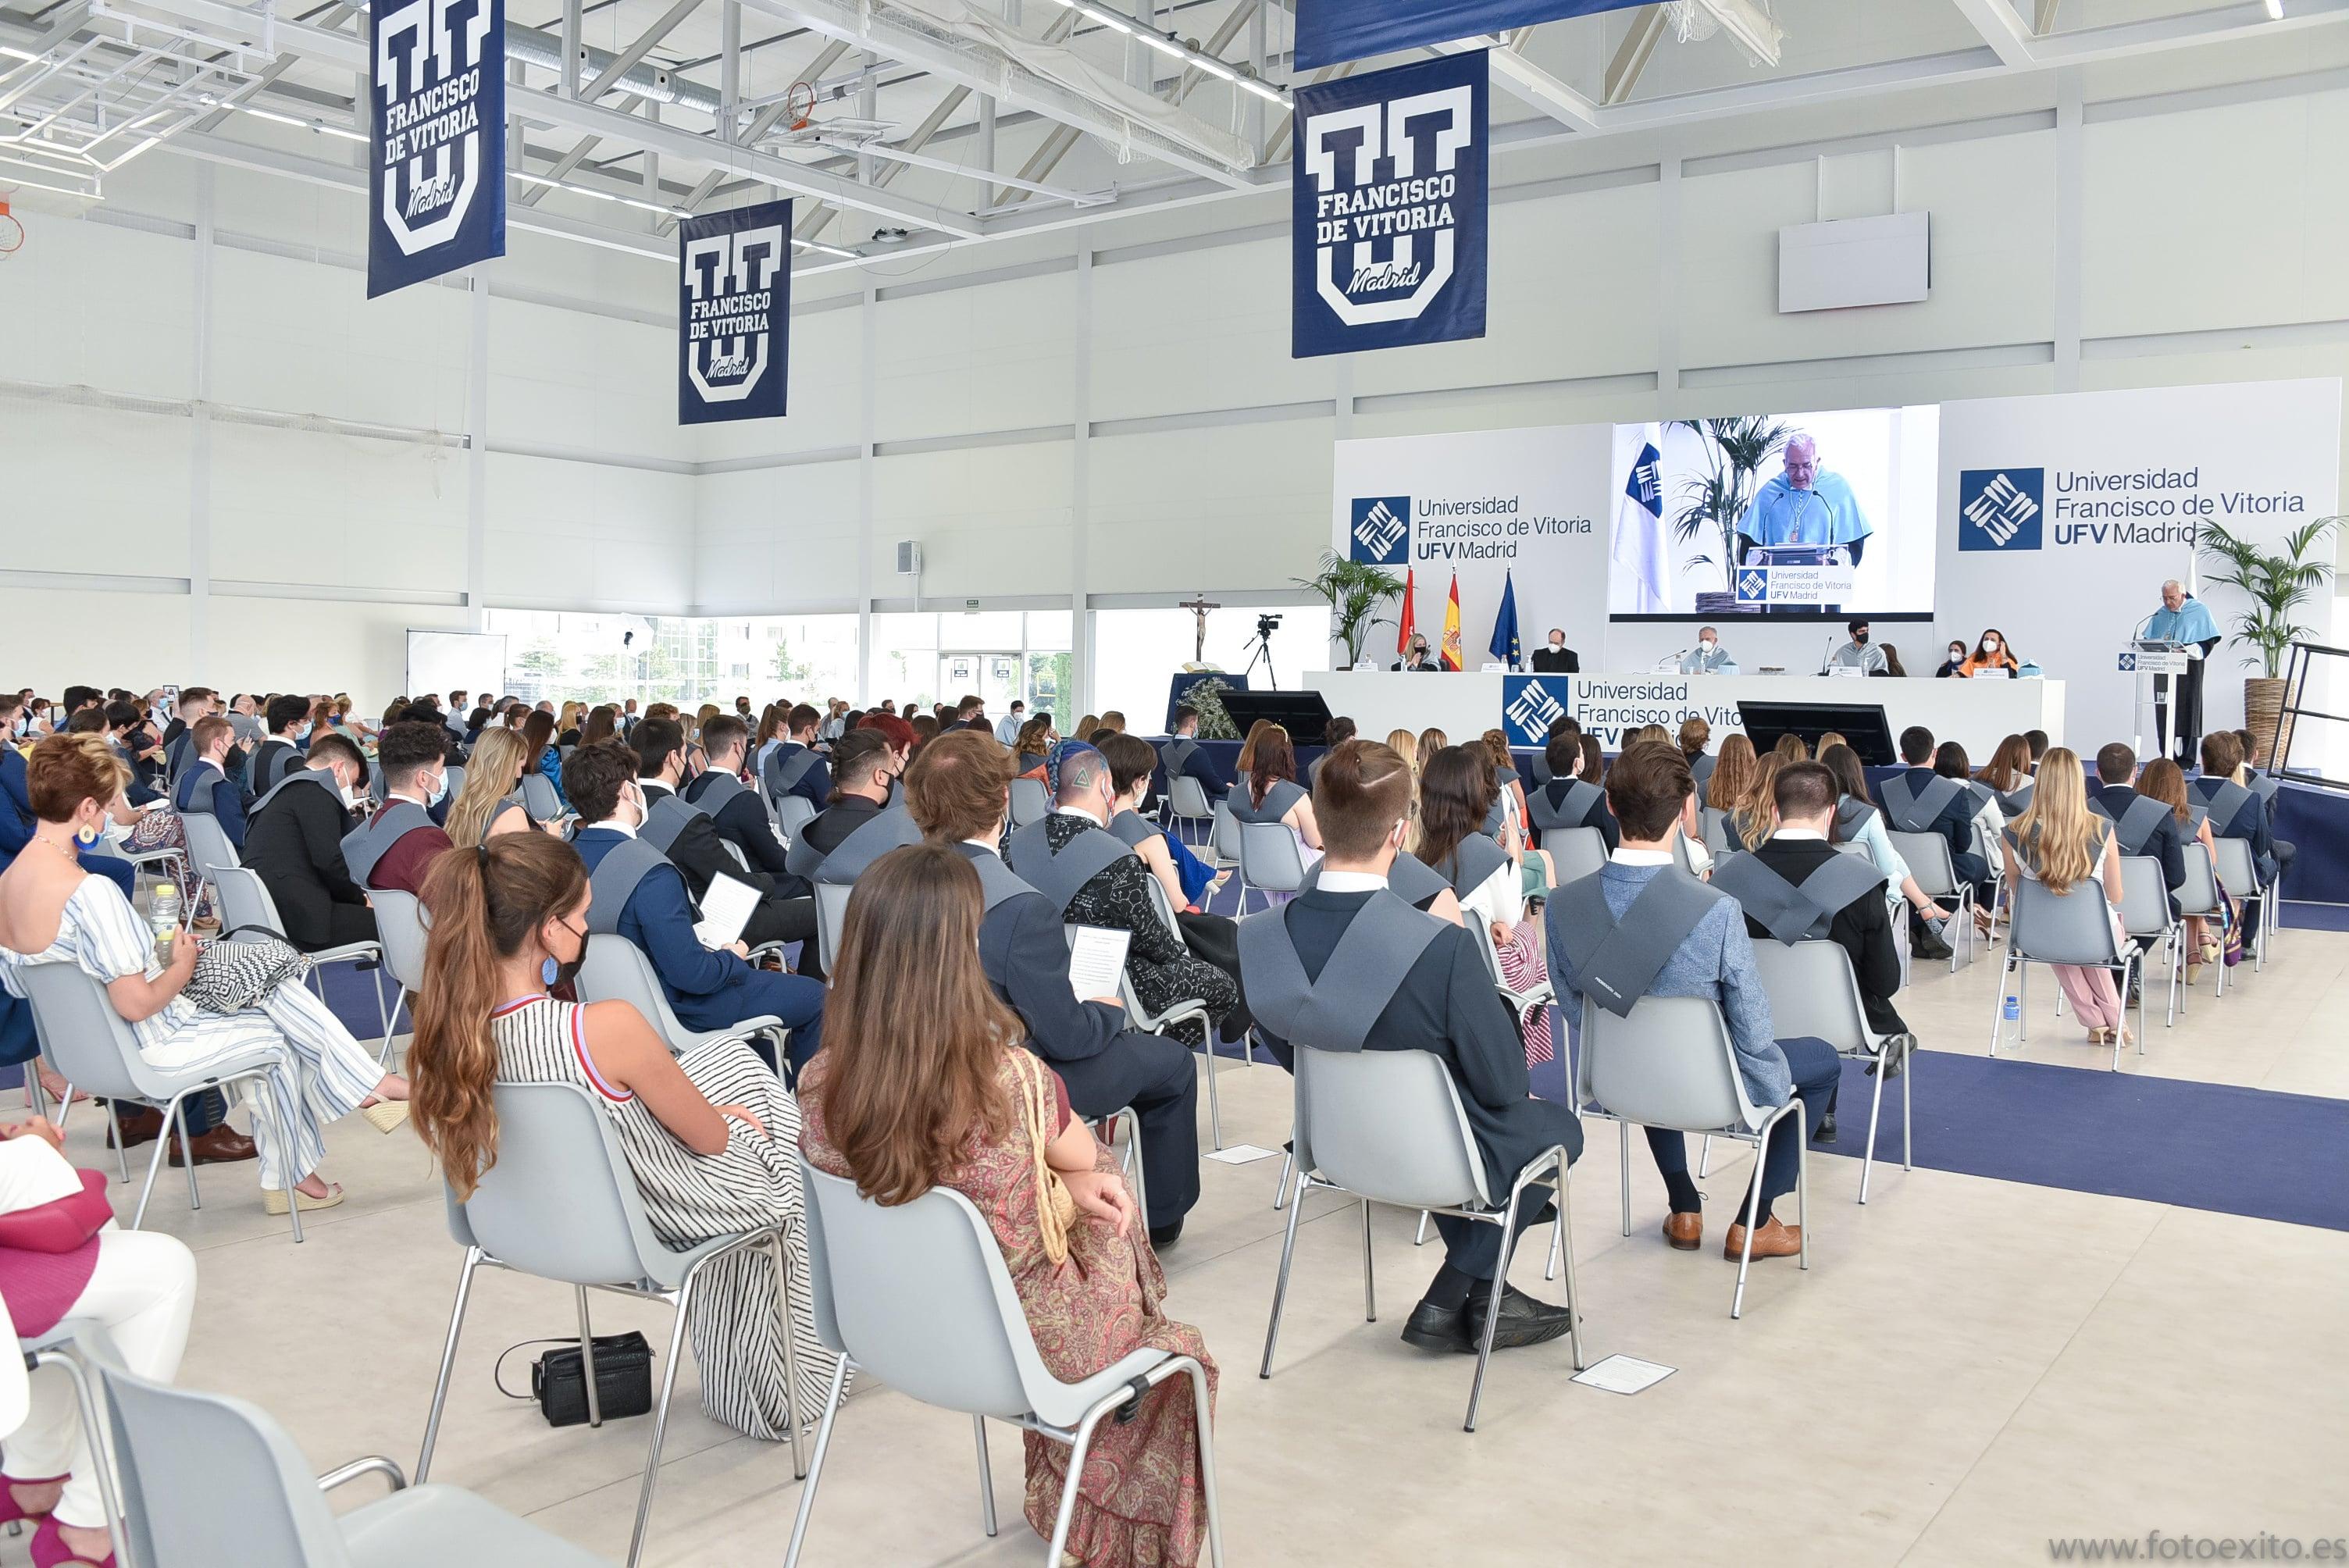 210710UFV3 1058 min Actos académicos Estudiar en Universidad Privada Madrid